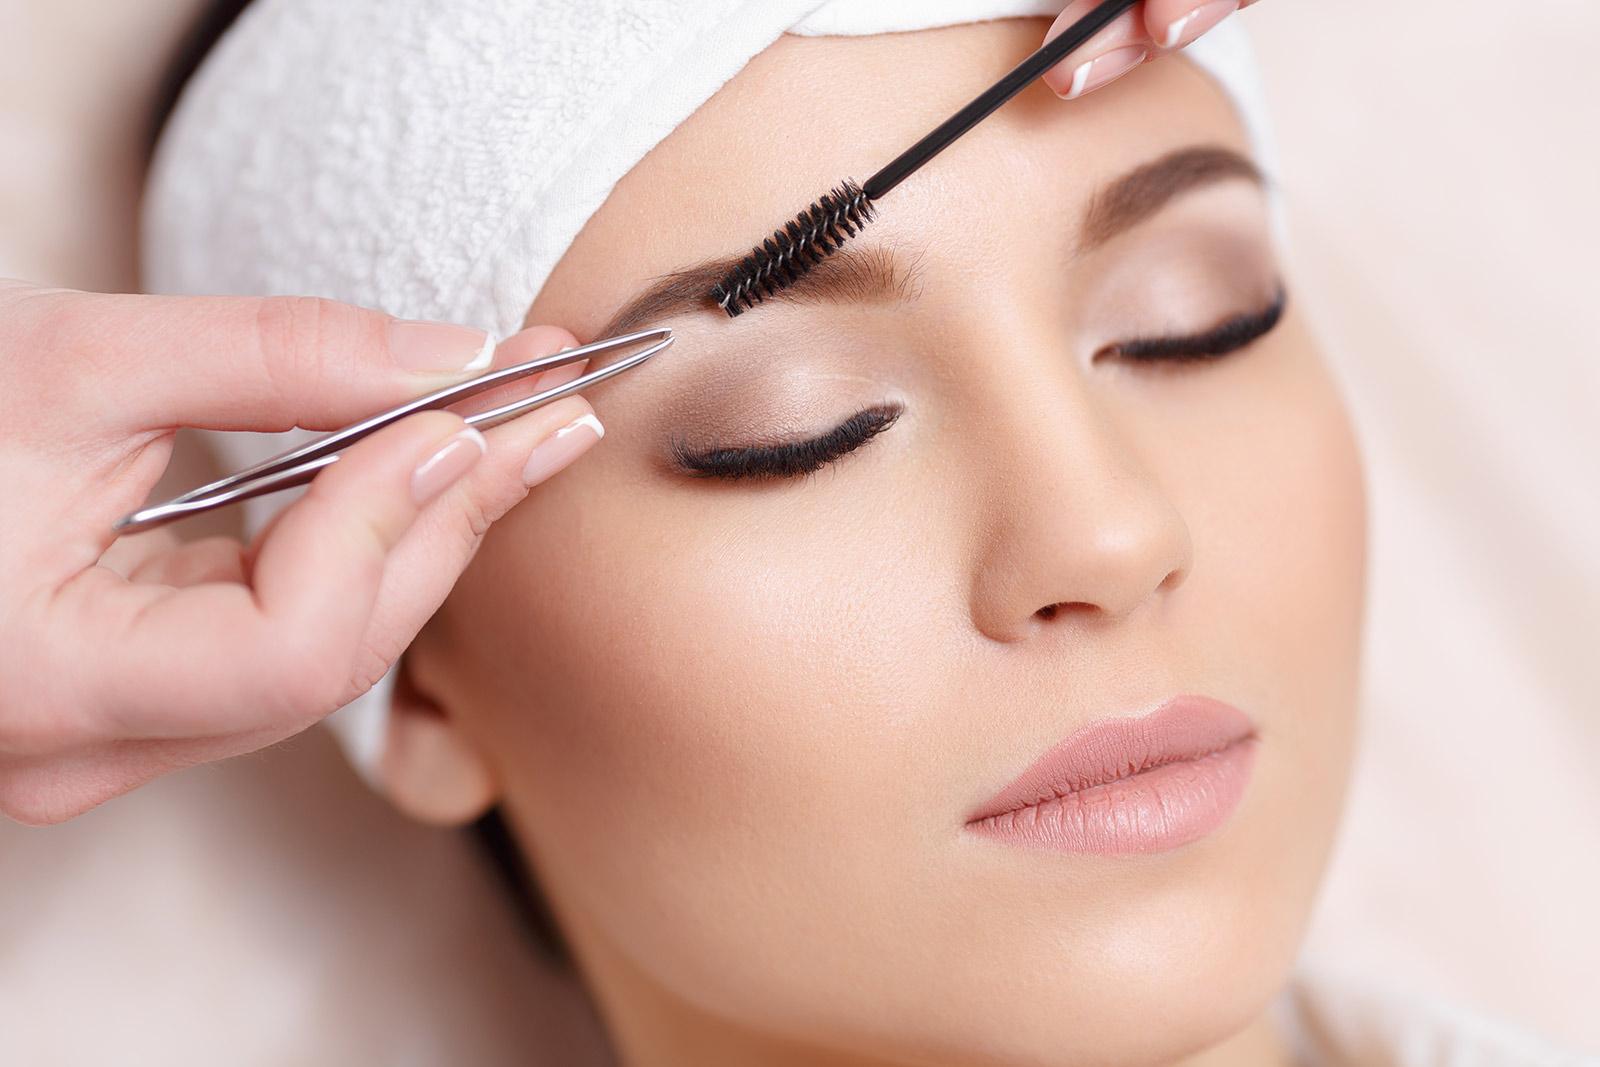 The 10 Best Eyebrow Growth Serums To Buy In 2018 Bestseekers